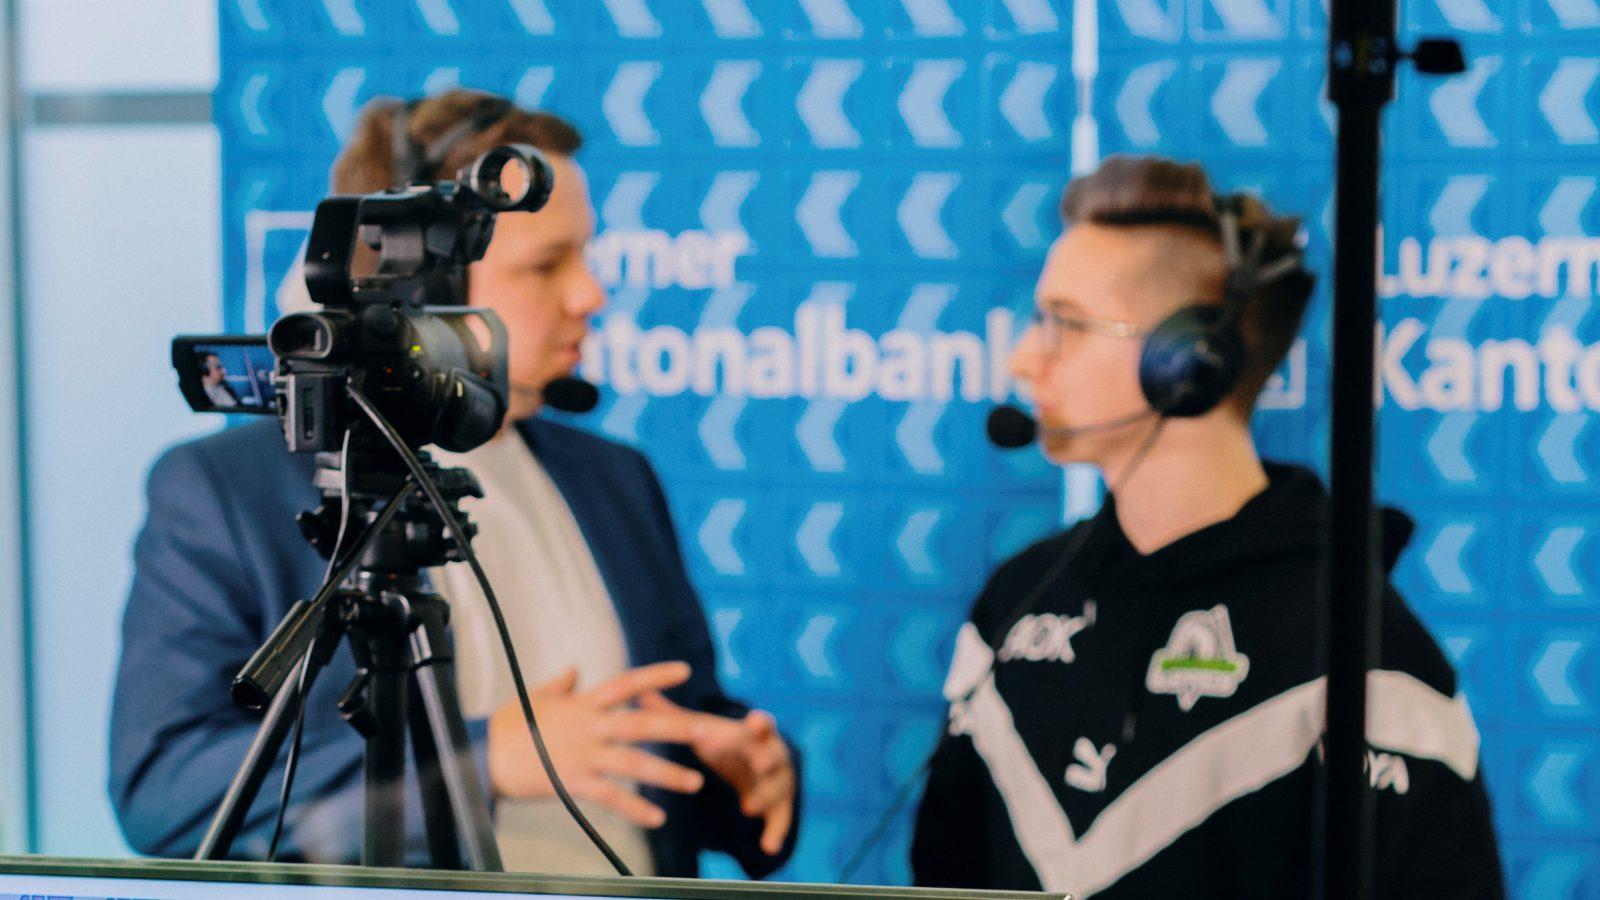 Zwei Männer mit Headsets moderieren vor einer Kamera.